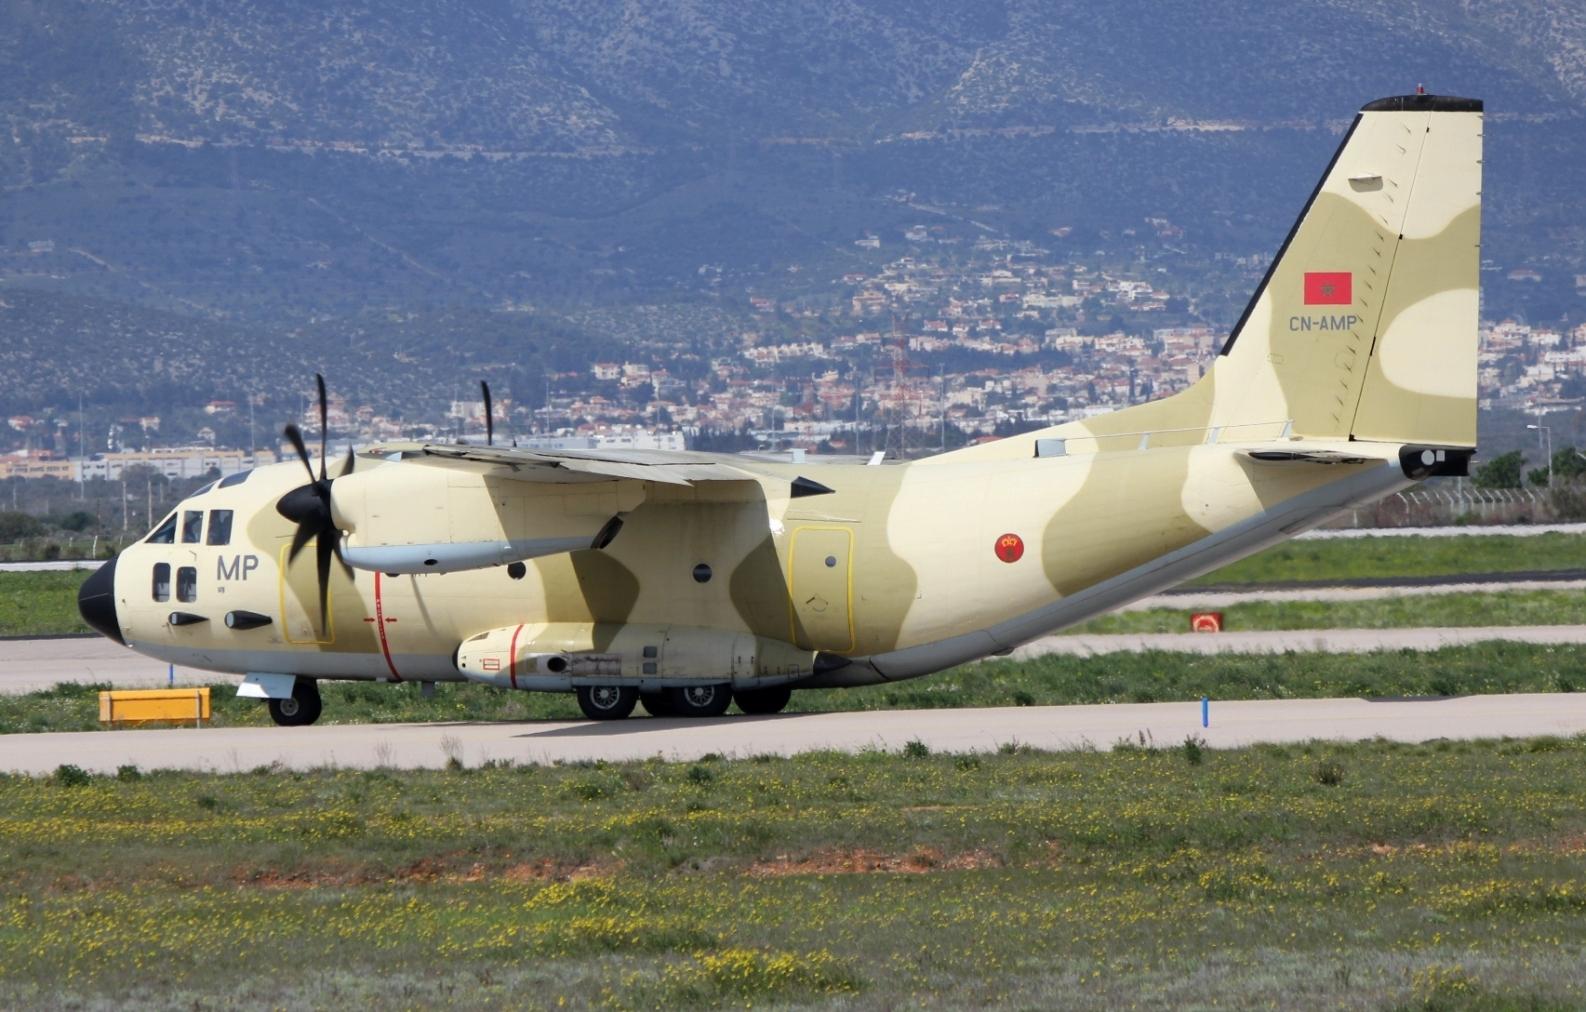 FRA: Photos d'avions de transport - Page 31 33322693650_228e1bf4e9_o